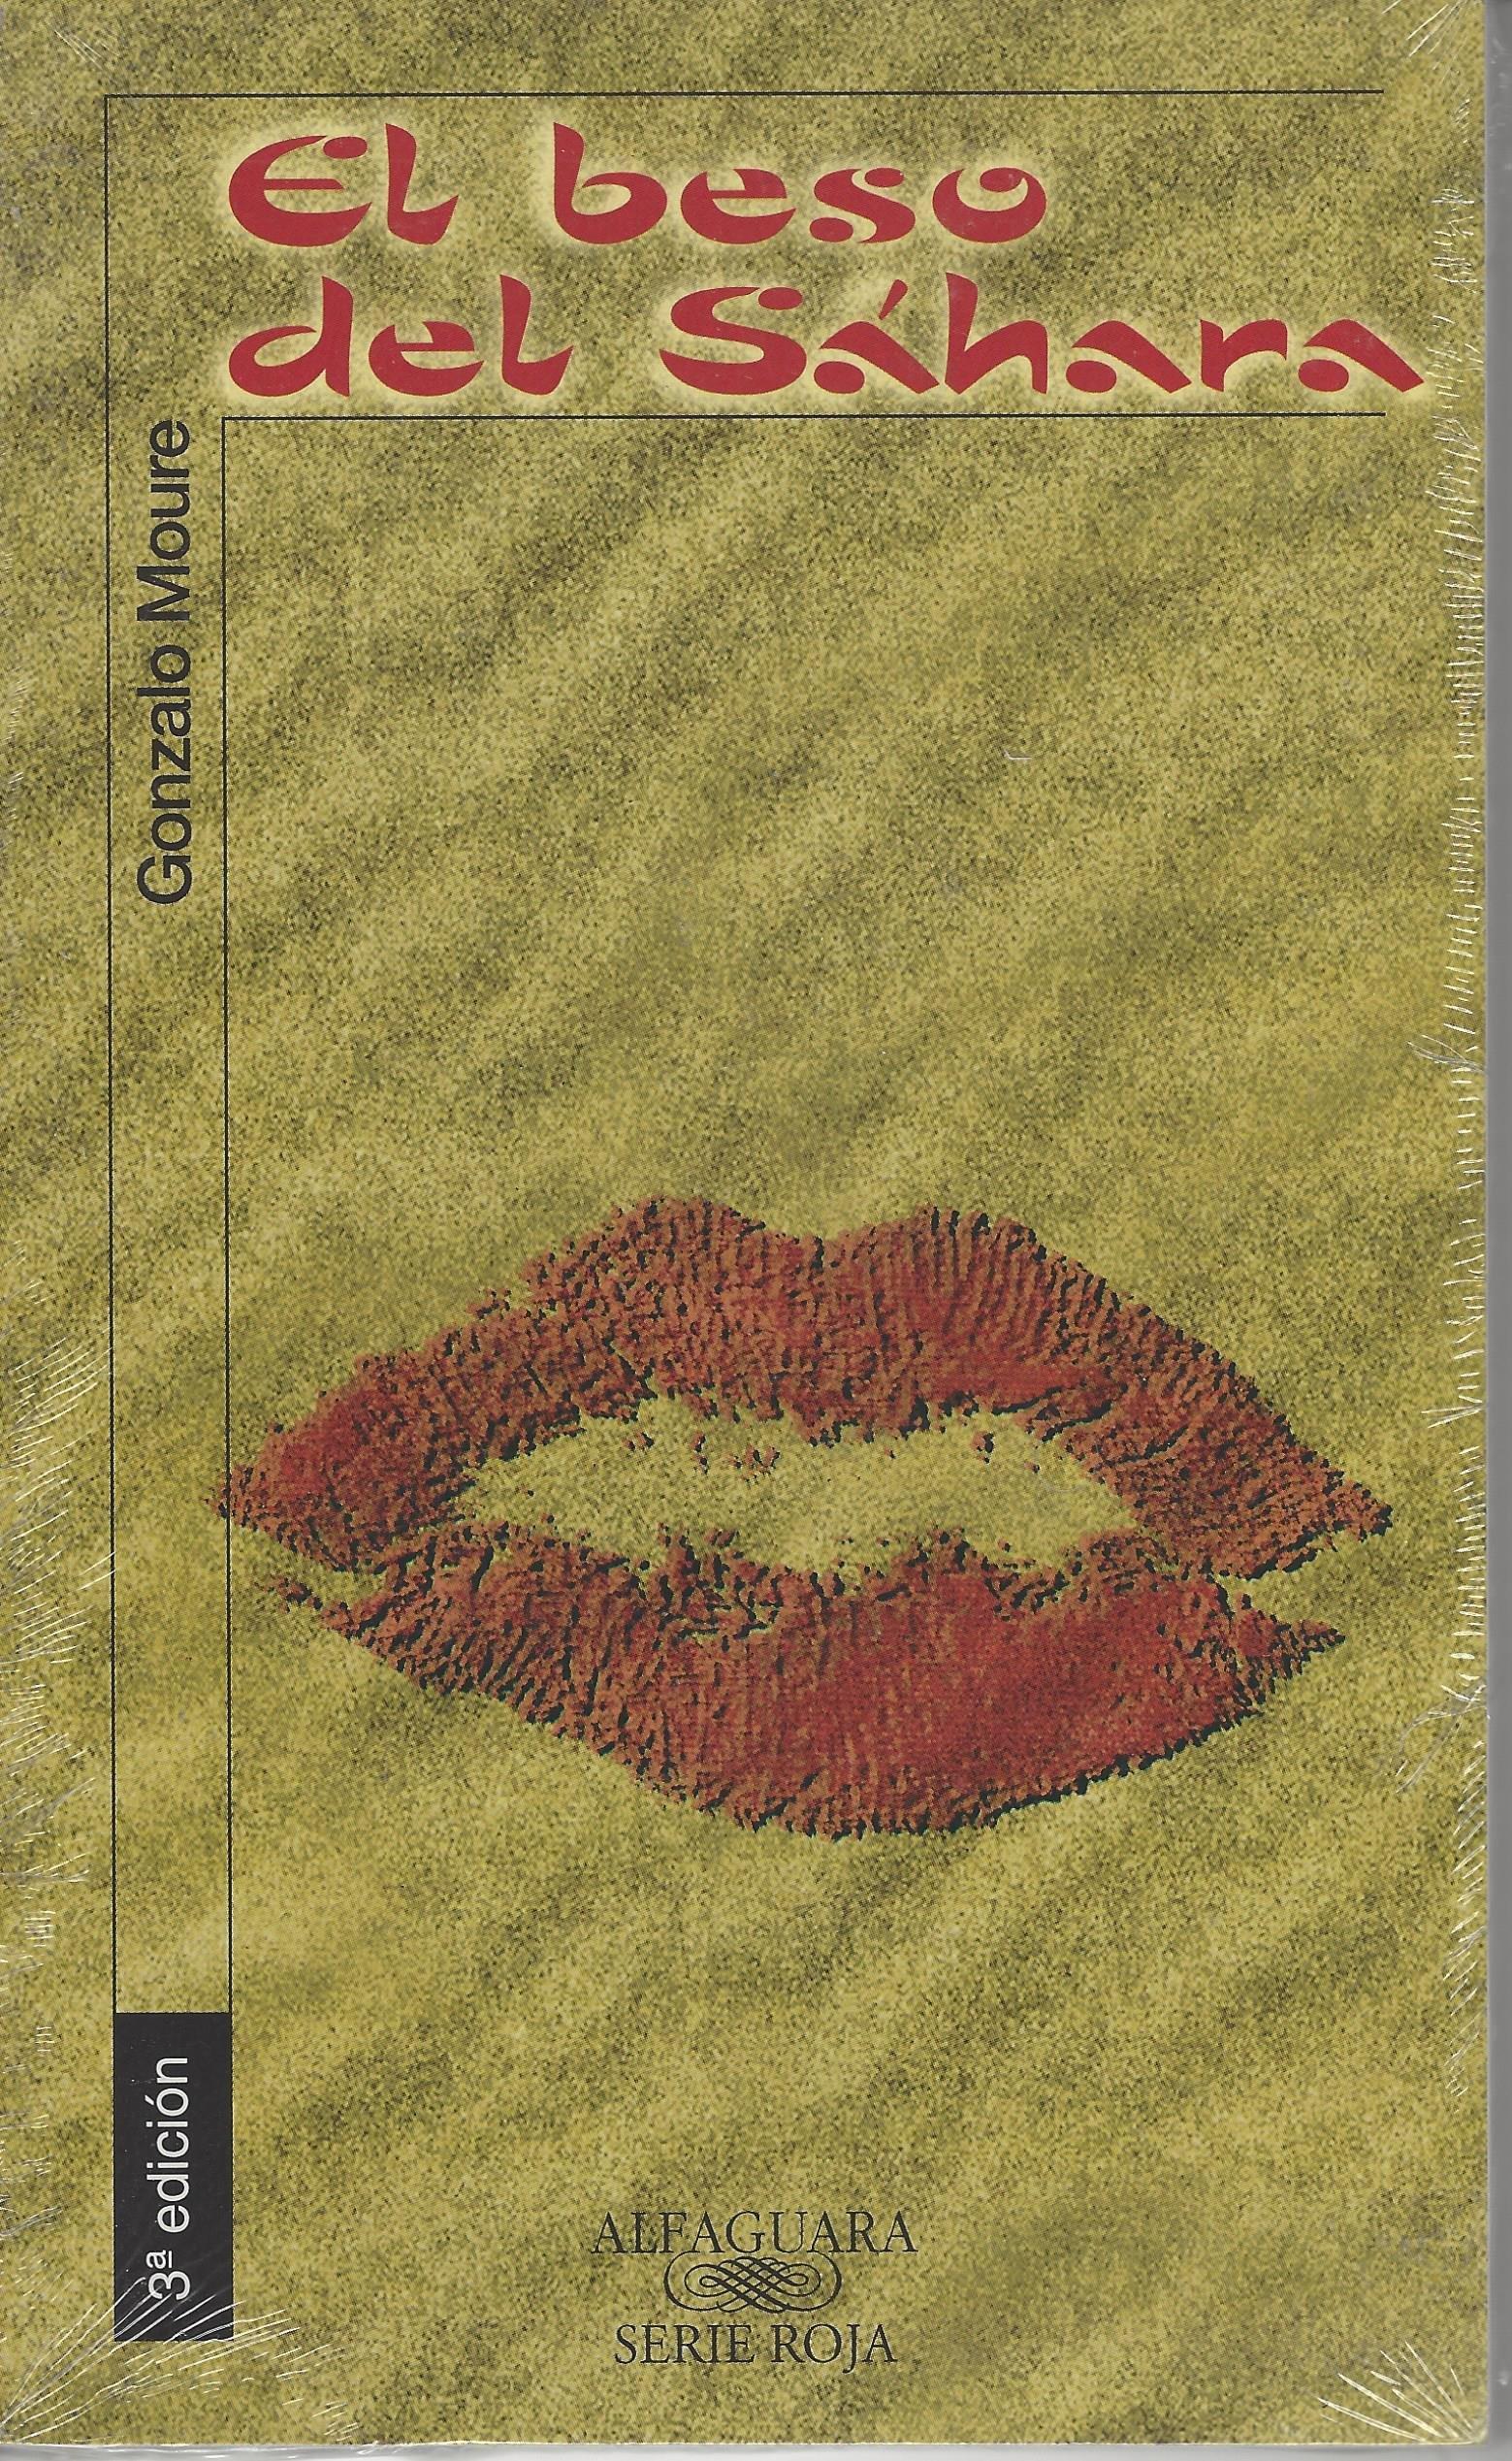 Beso del sahara, el (Alfaguara 14 Años (zaharra): Amazon.es: Gonzalo Moure: Libros